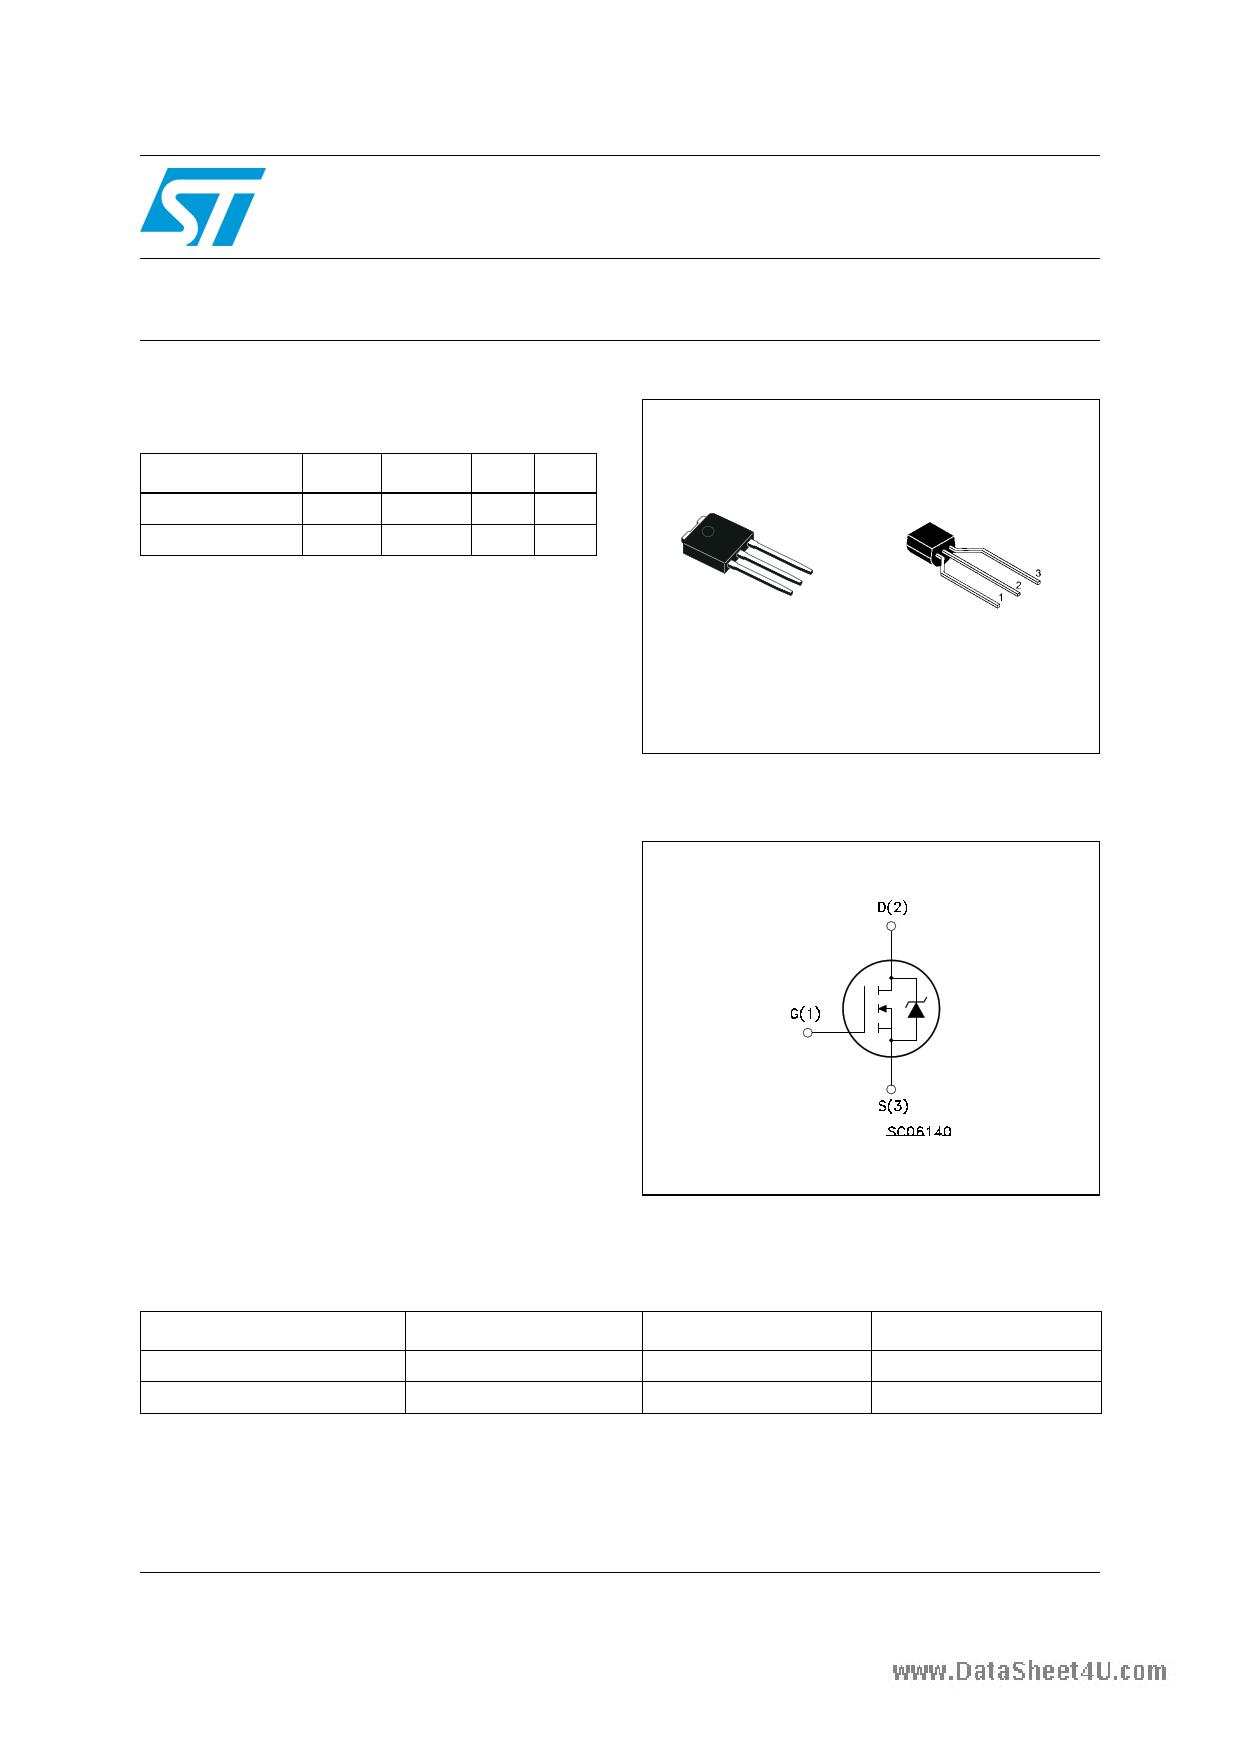 Q1NC45R-AP datasheet